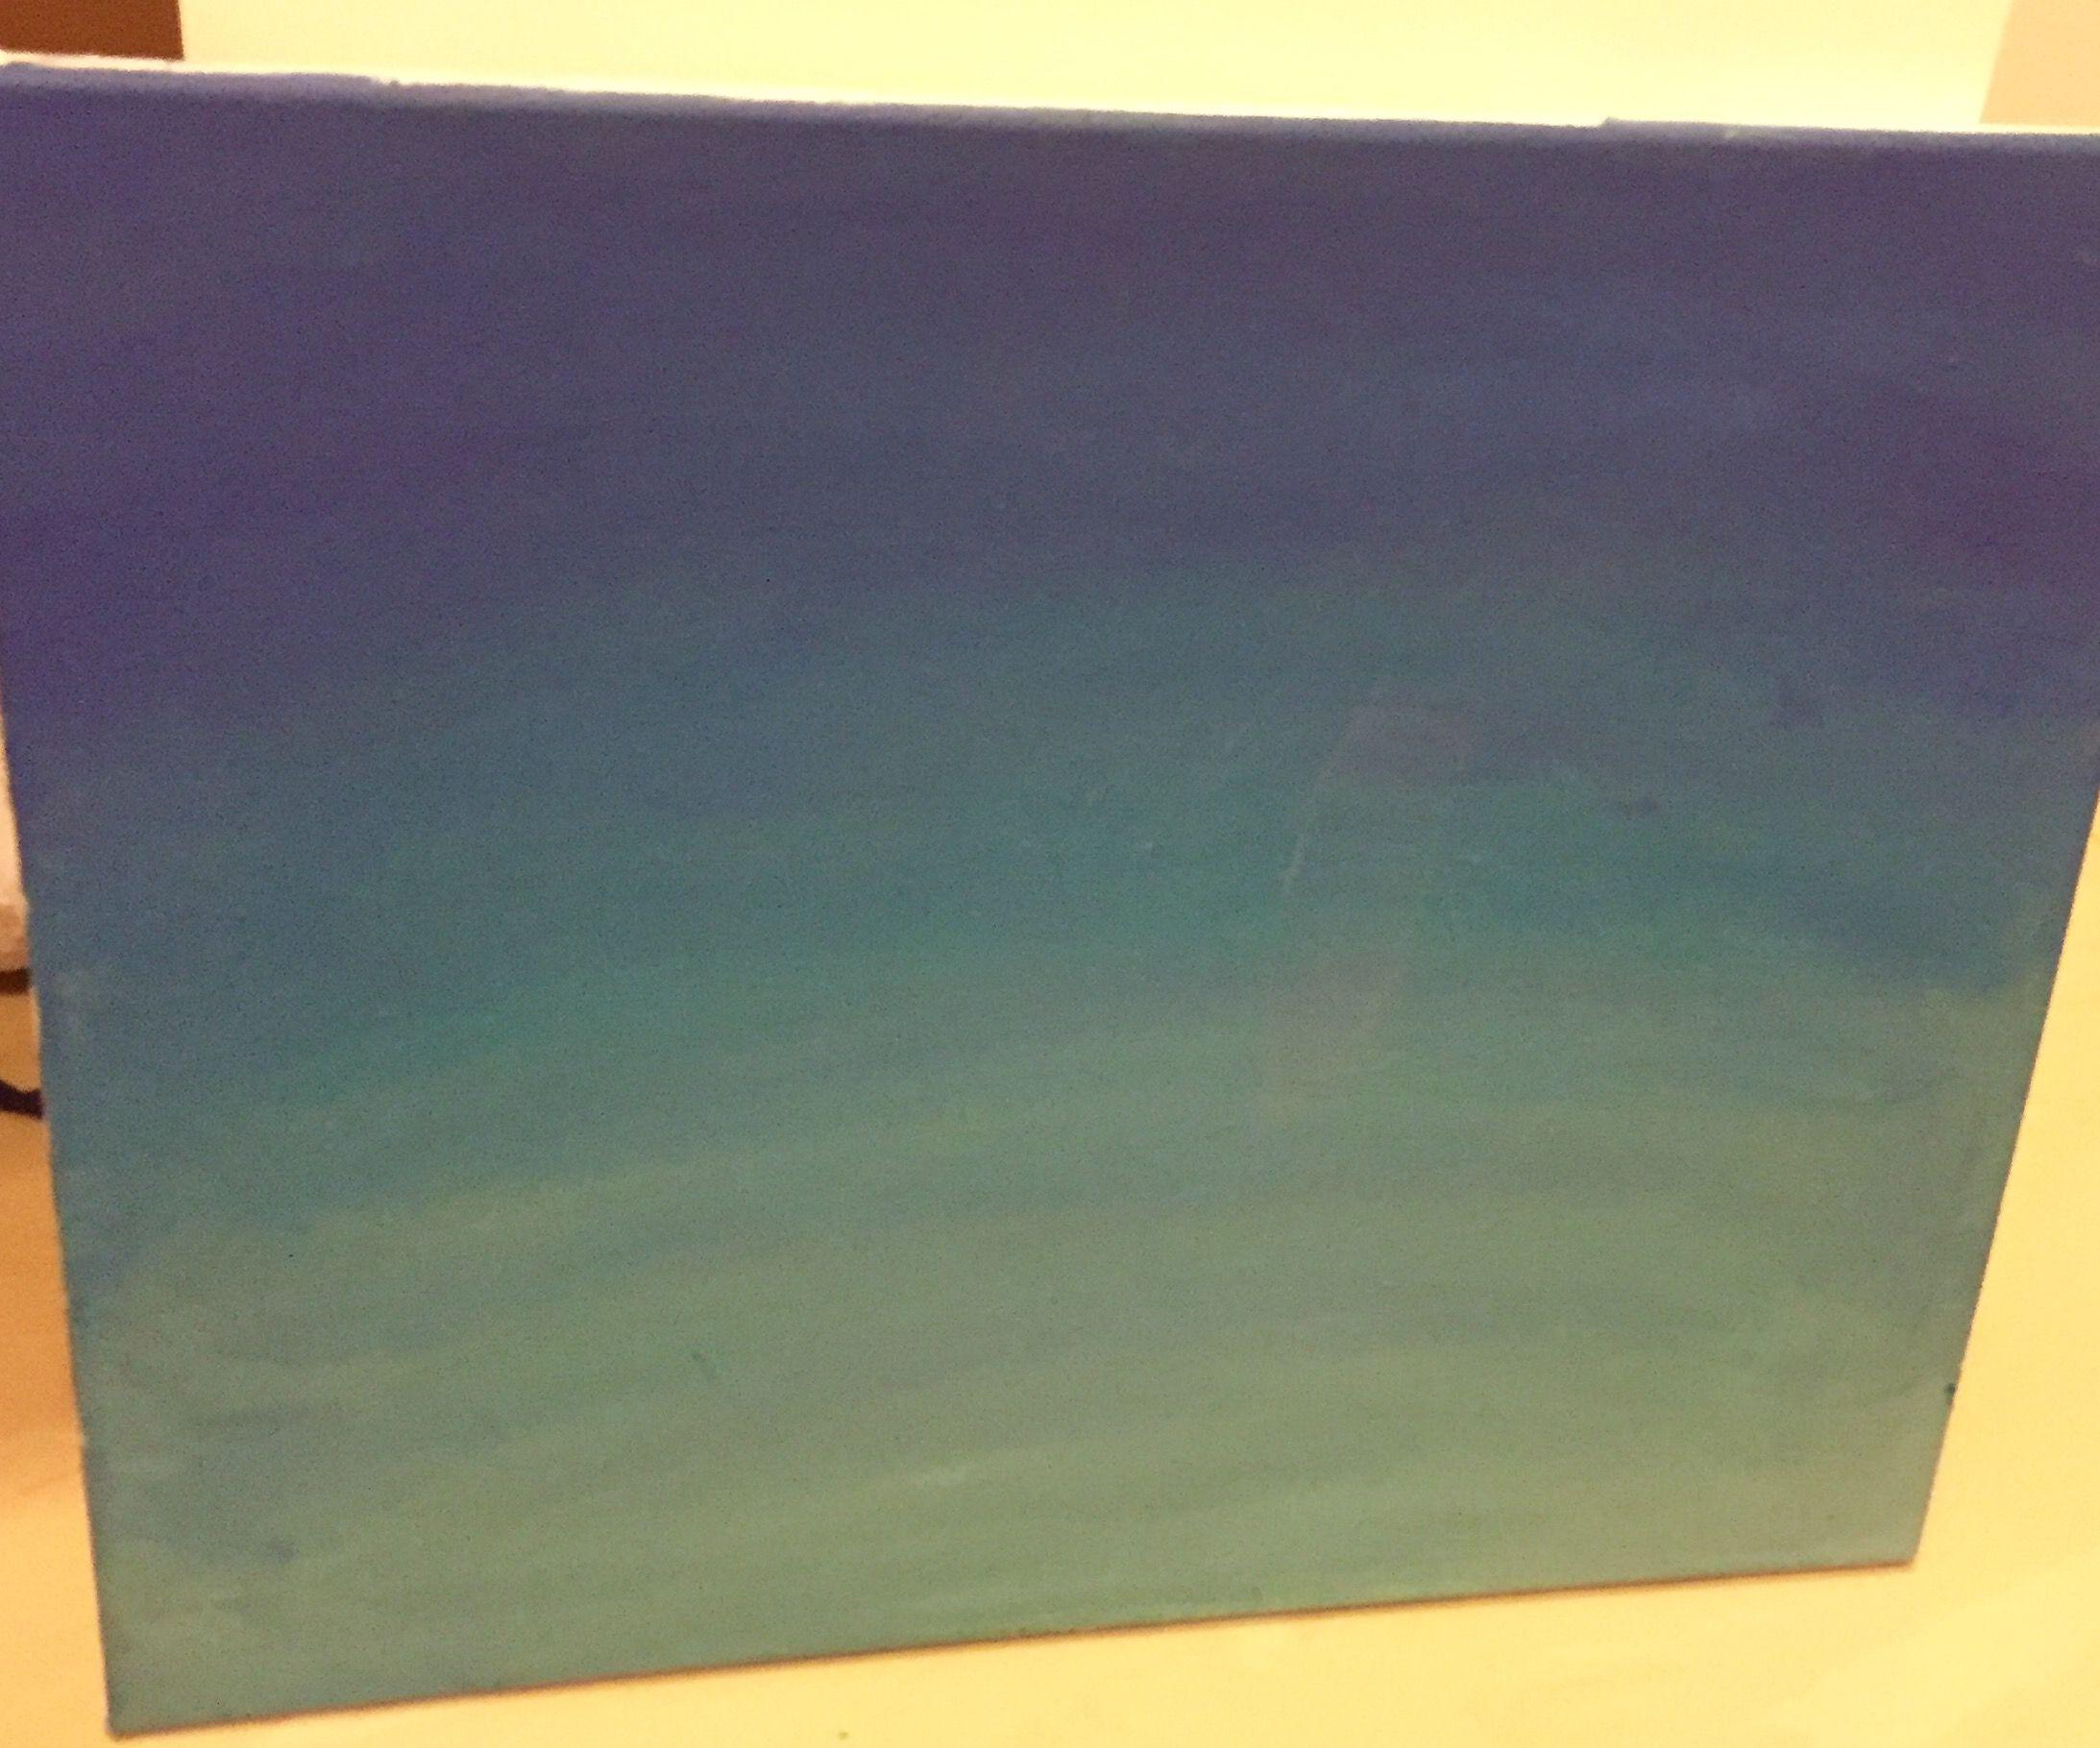 دمج اللون الأزرق والأبيض والأصفر يكون تدرجات لون البحر Art Painting